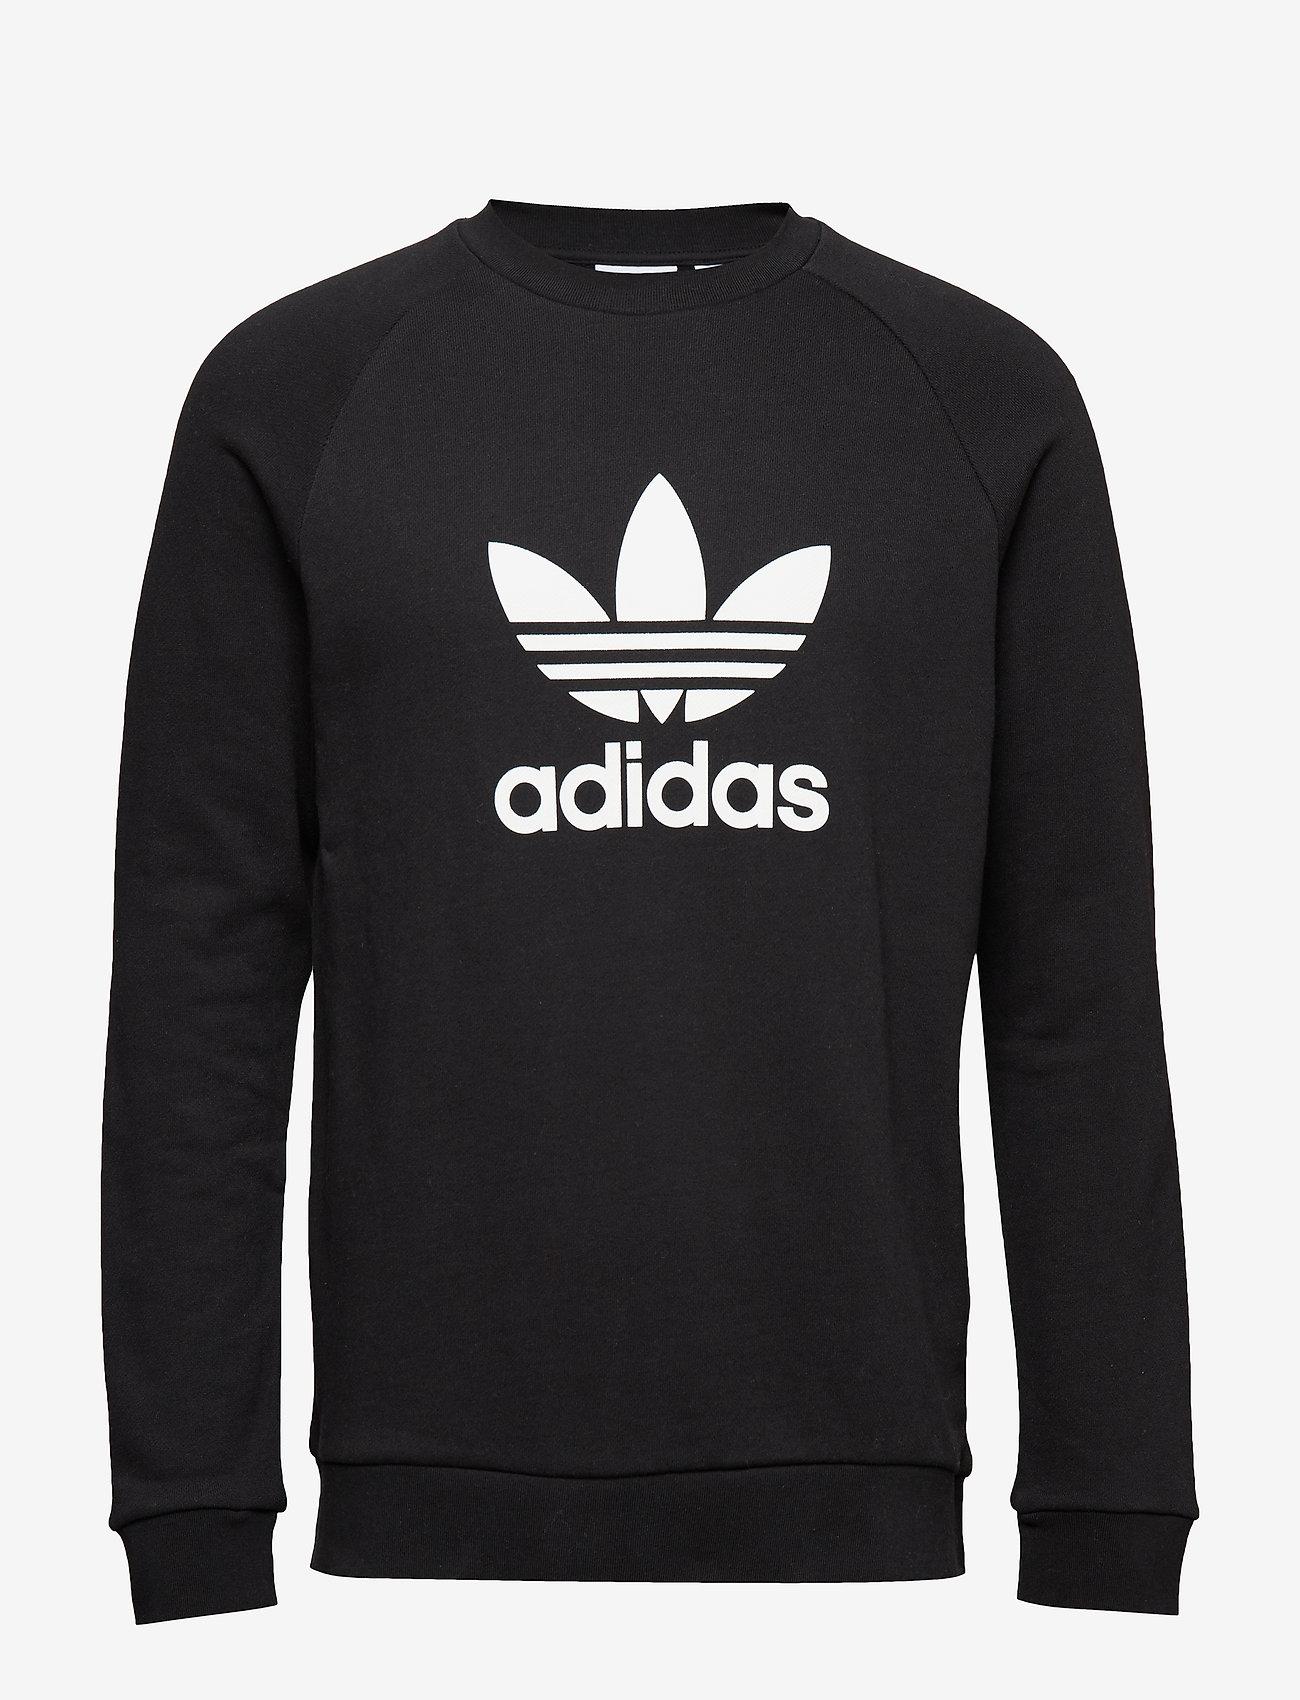 adidas Originals - TREFOIL CREW - overdeler - black - 1